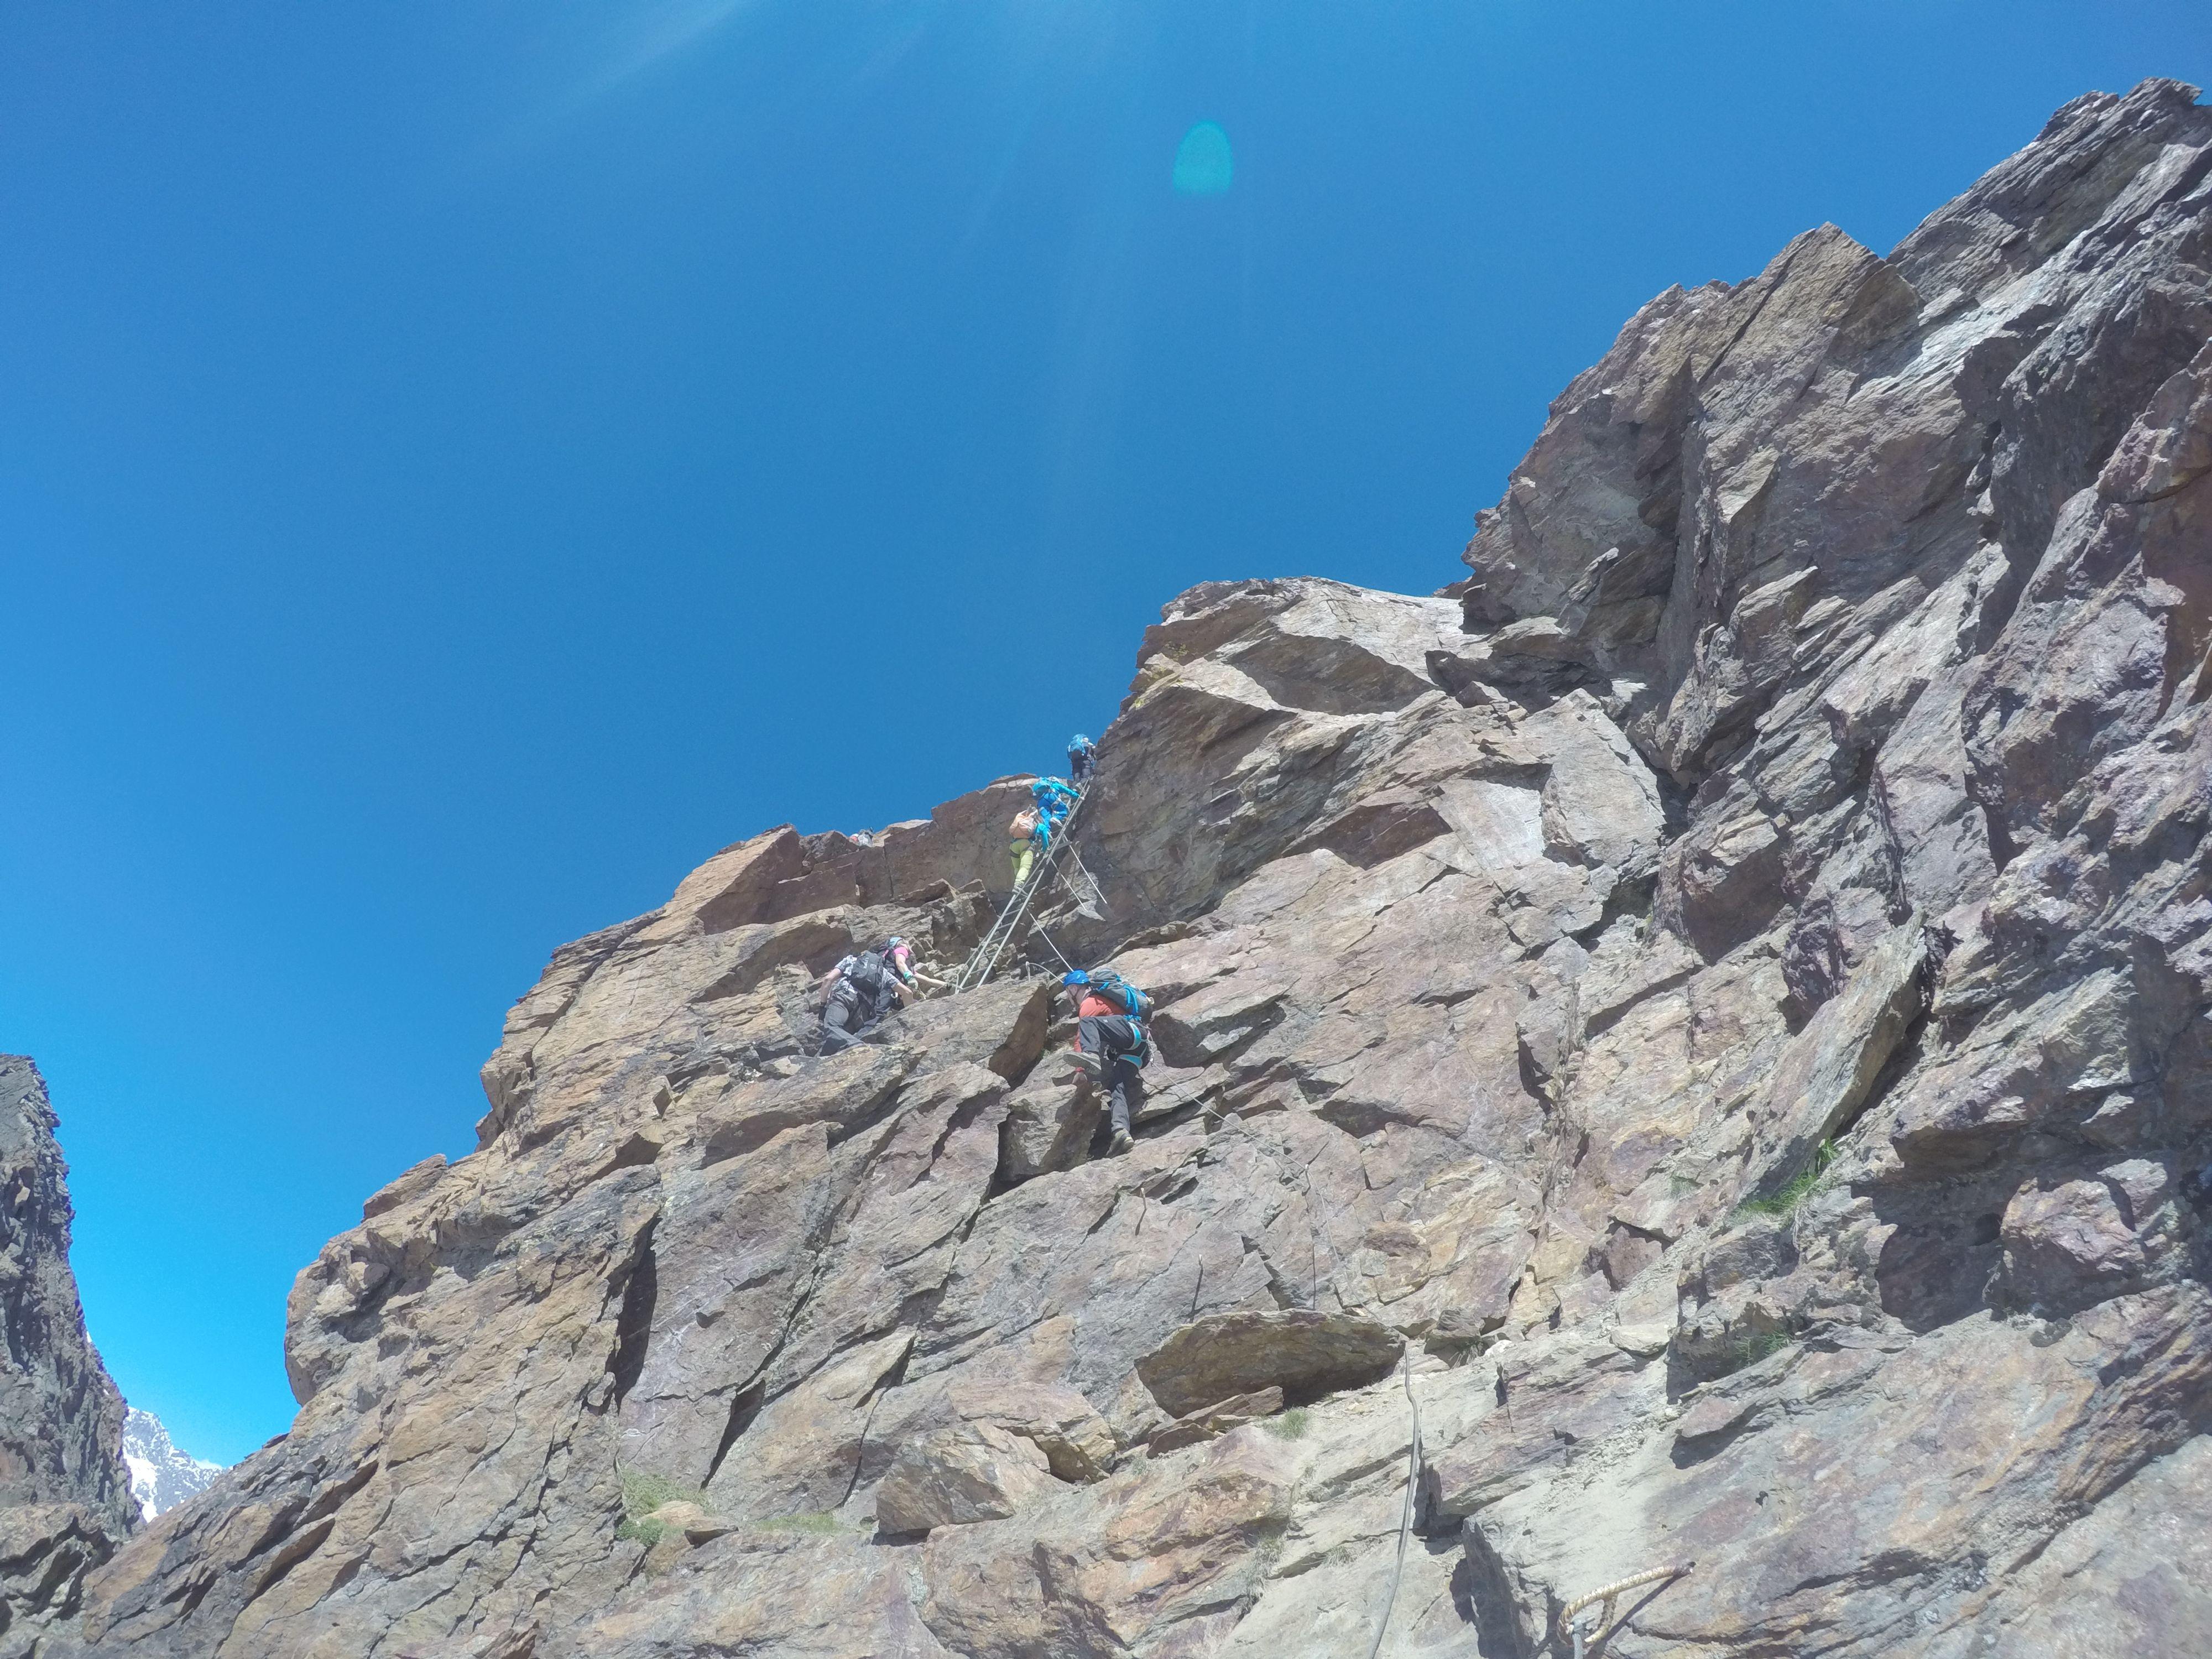 Klettersteig Jägihorn : Hochgang klettersteig jägihorn am kreuzboden kletterseig